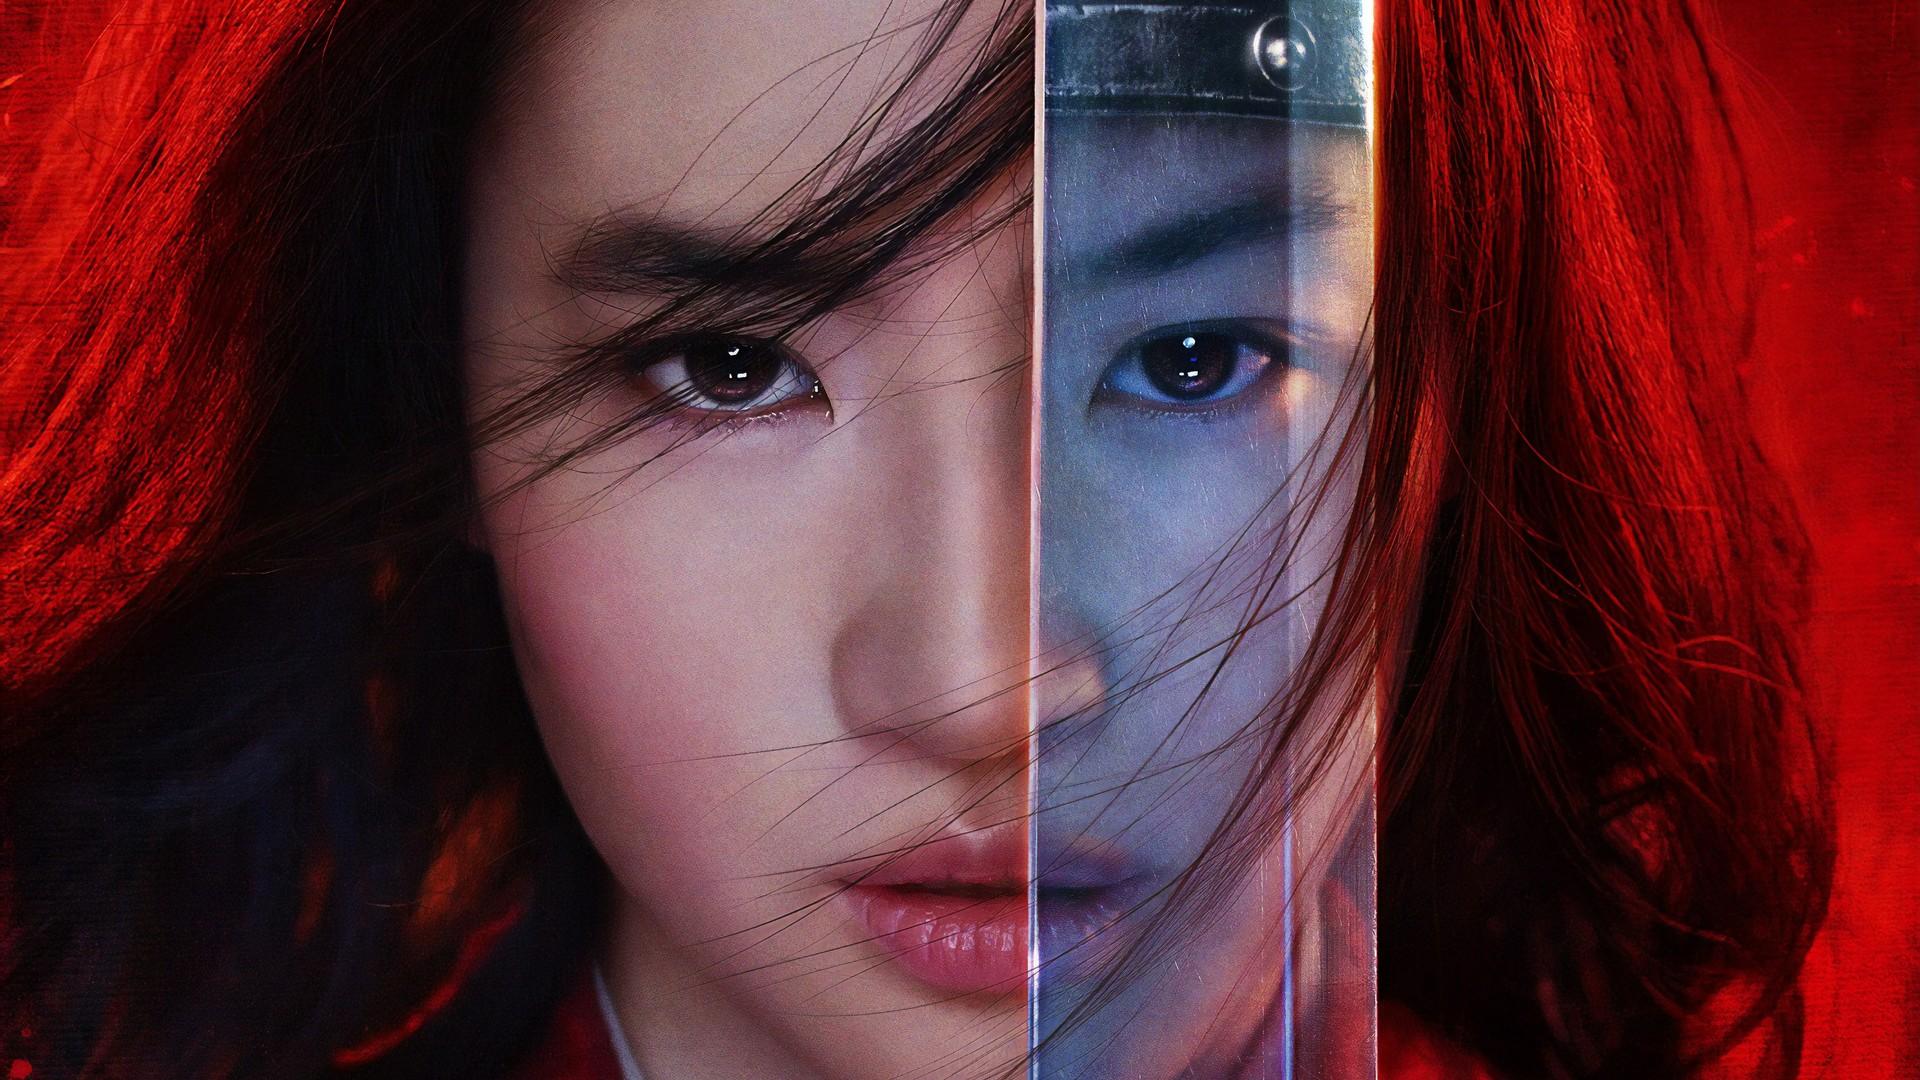 O mais recente live-action da Disney, o filme Mulan estreia hoje (4) no Disney+ e recebe aprovação da crítica especializada.